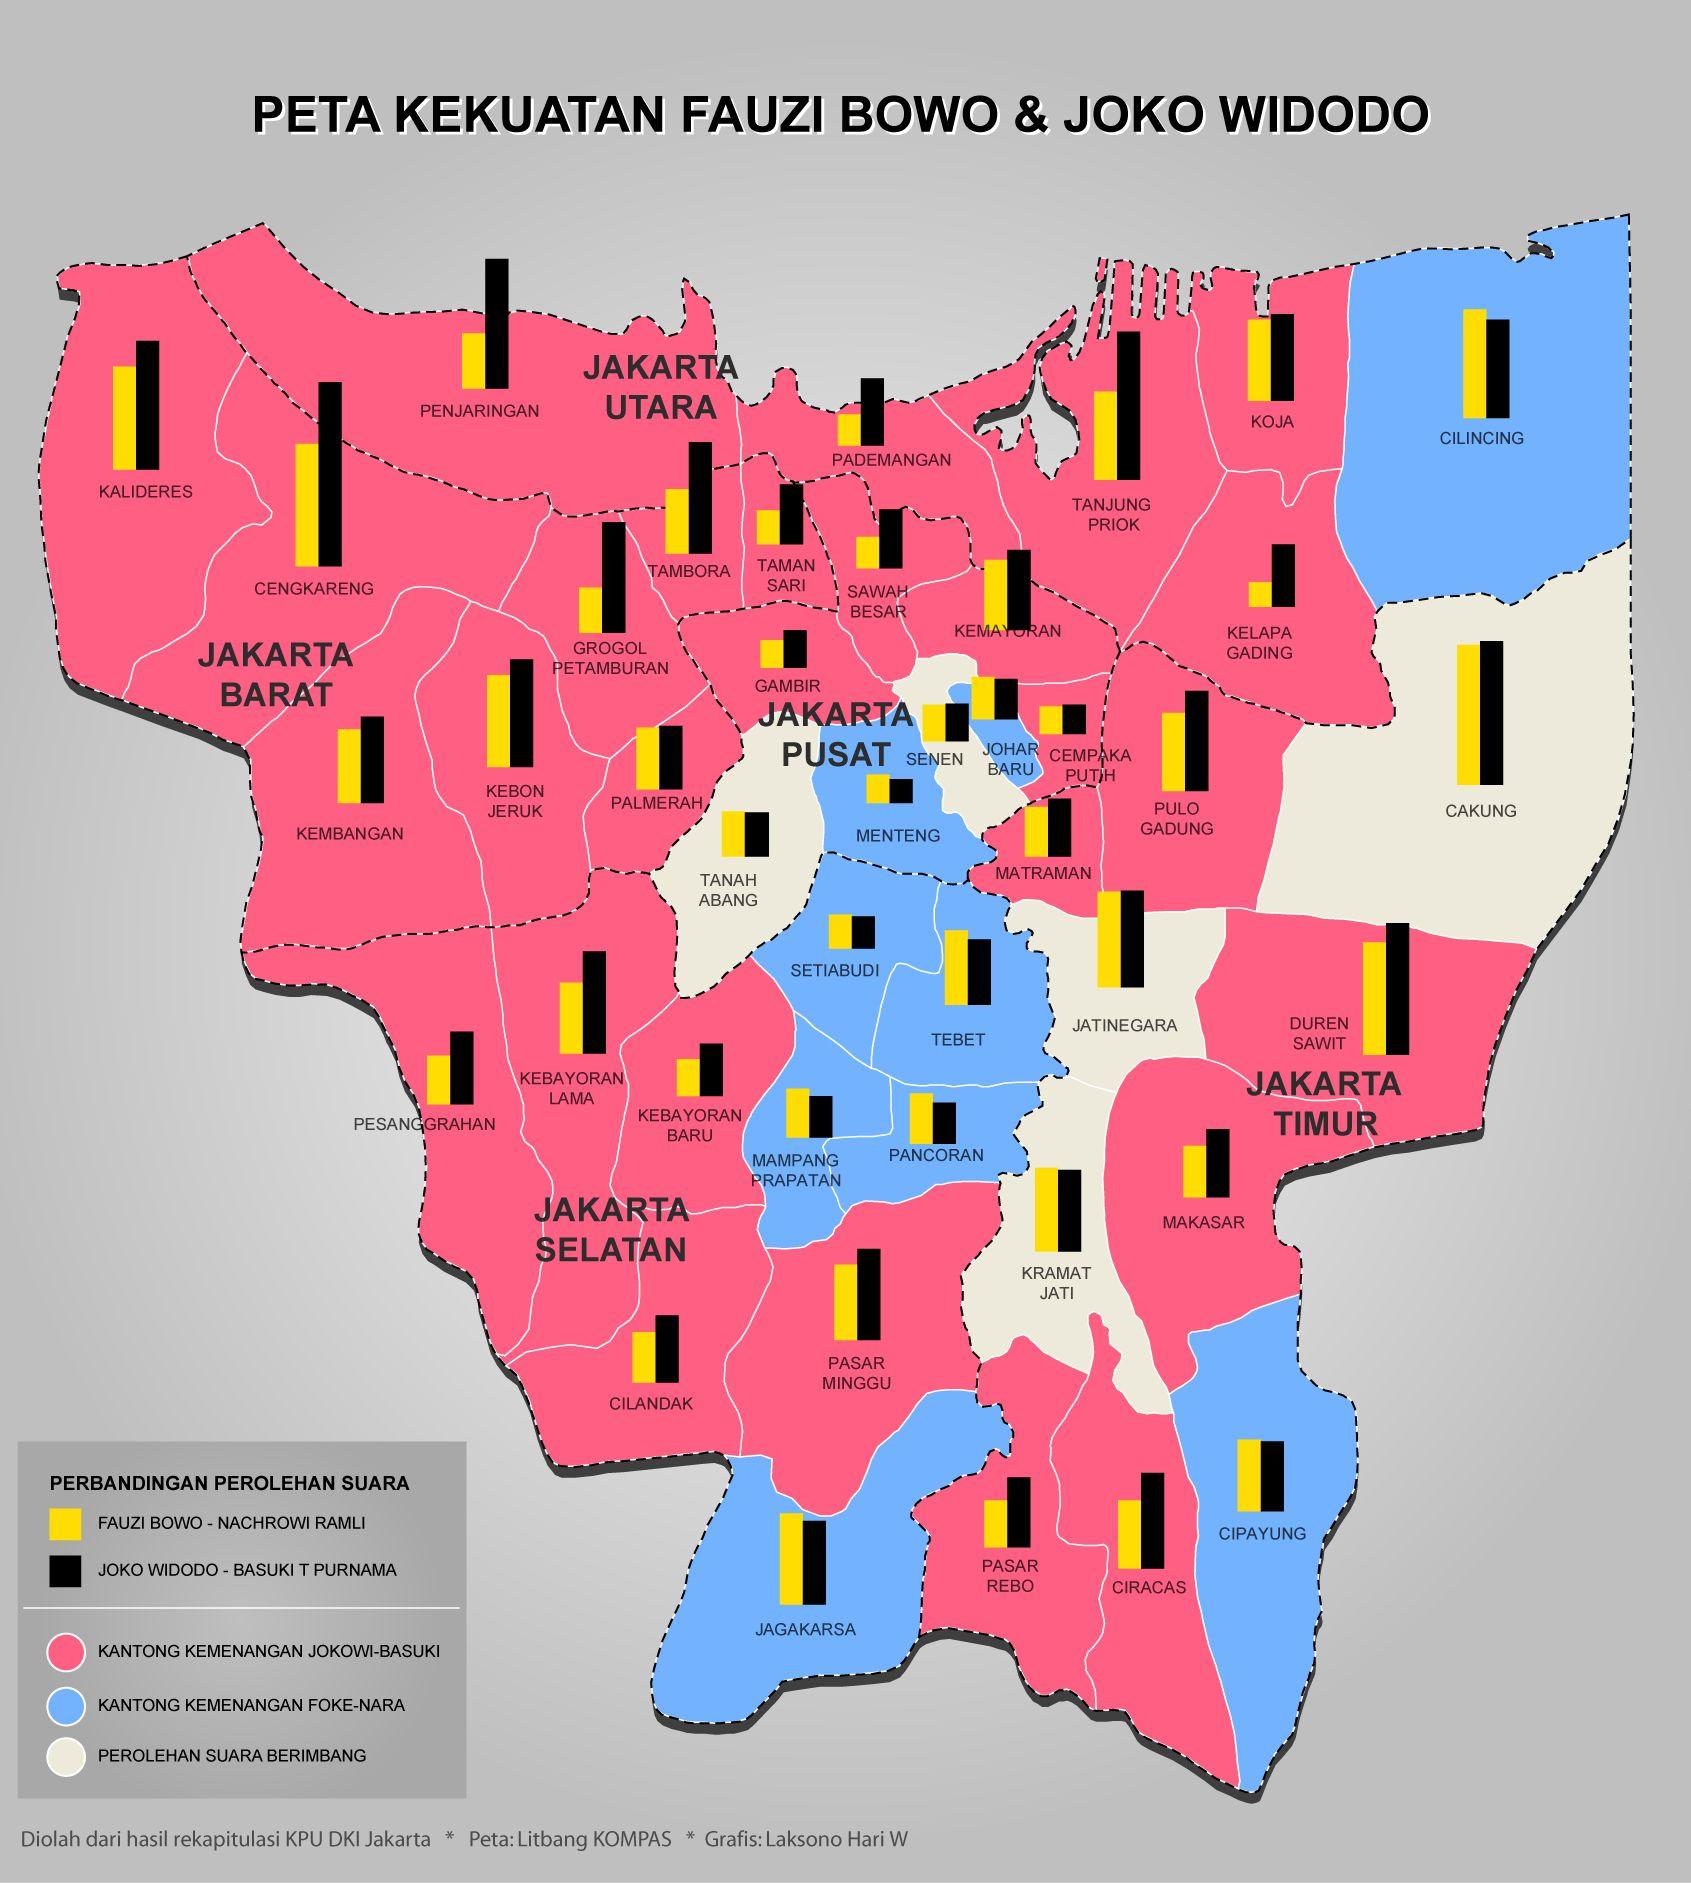 Peta kekuatan Fauzi Bowo dan Joko Widodo berdasarkan peroleh suara pada putaran pertama Pilkada DKI Jakarta 2012.